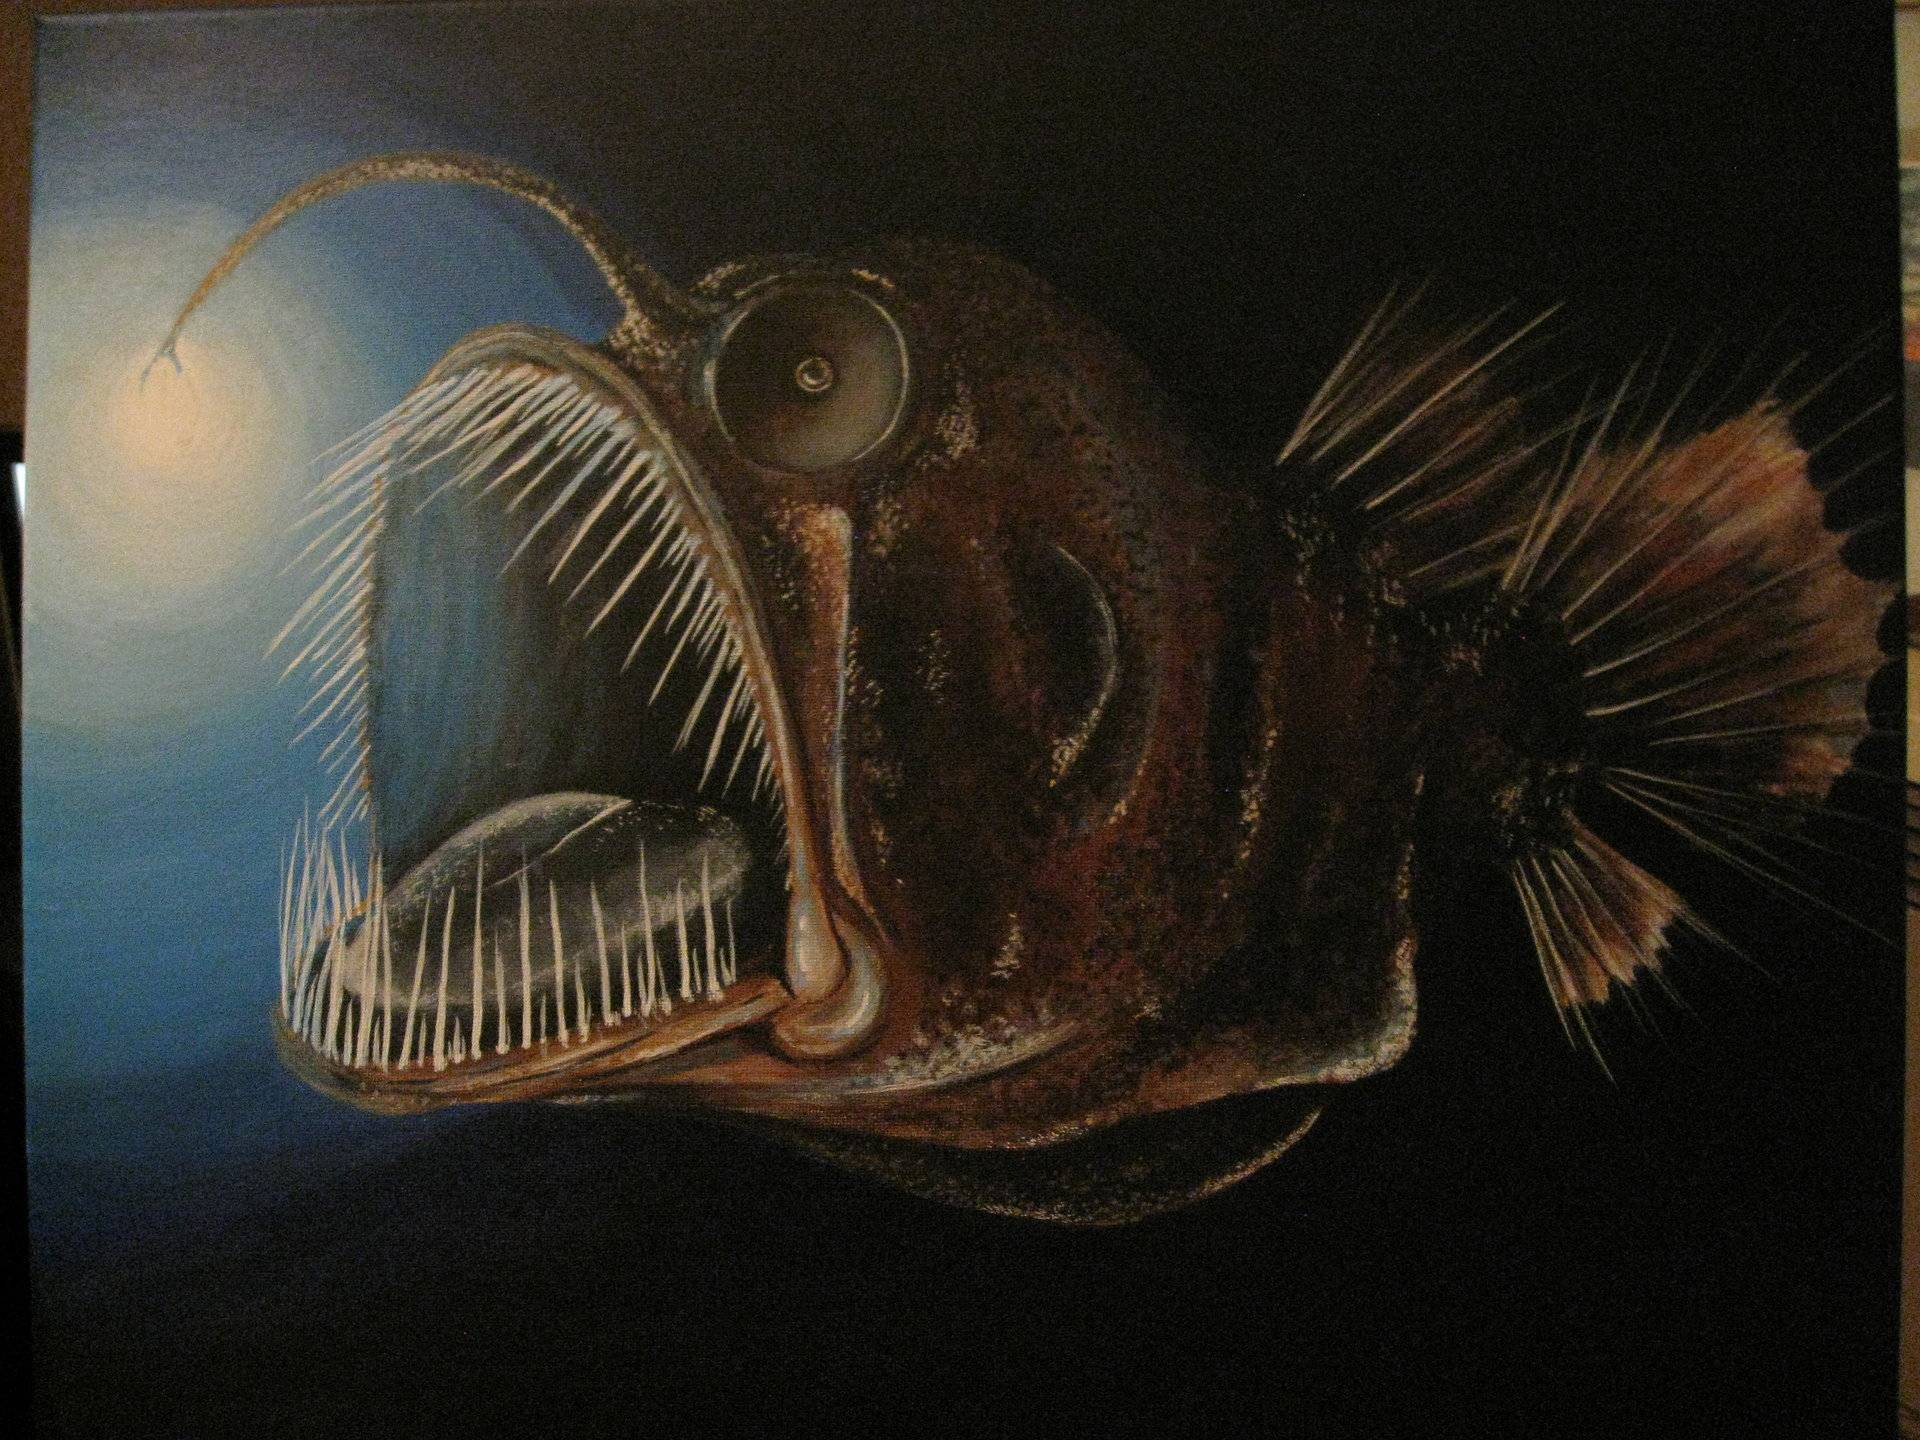 Глубоководная рыба с фонариком: где обитает и как называется